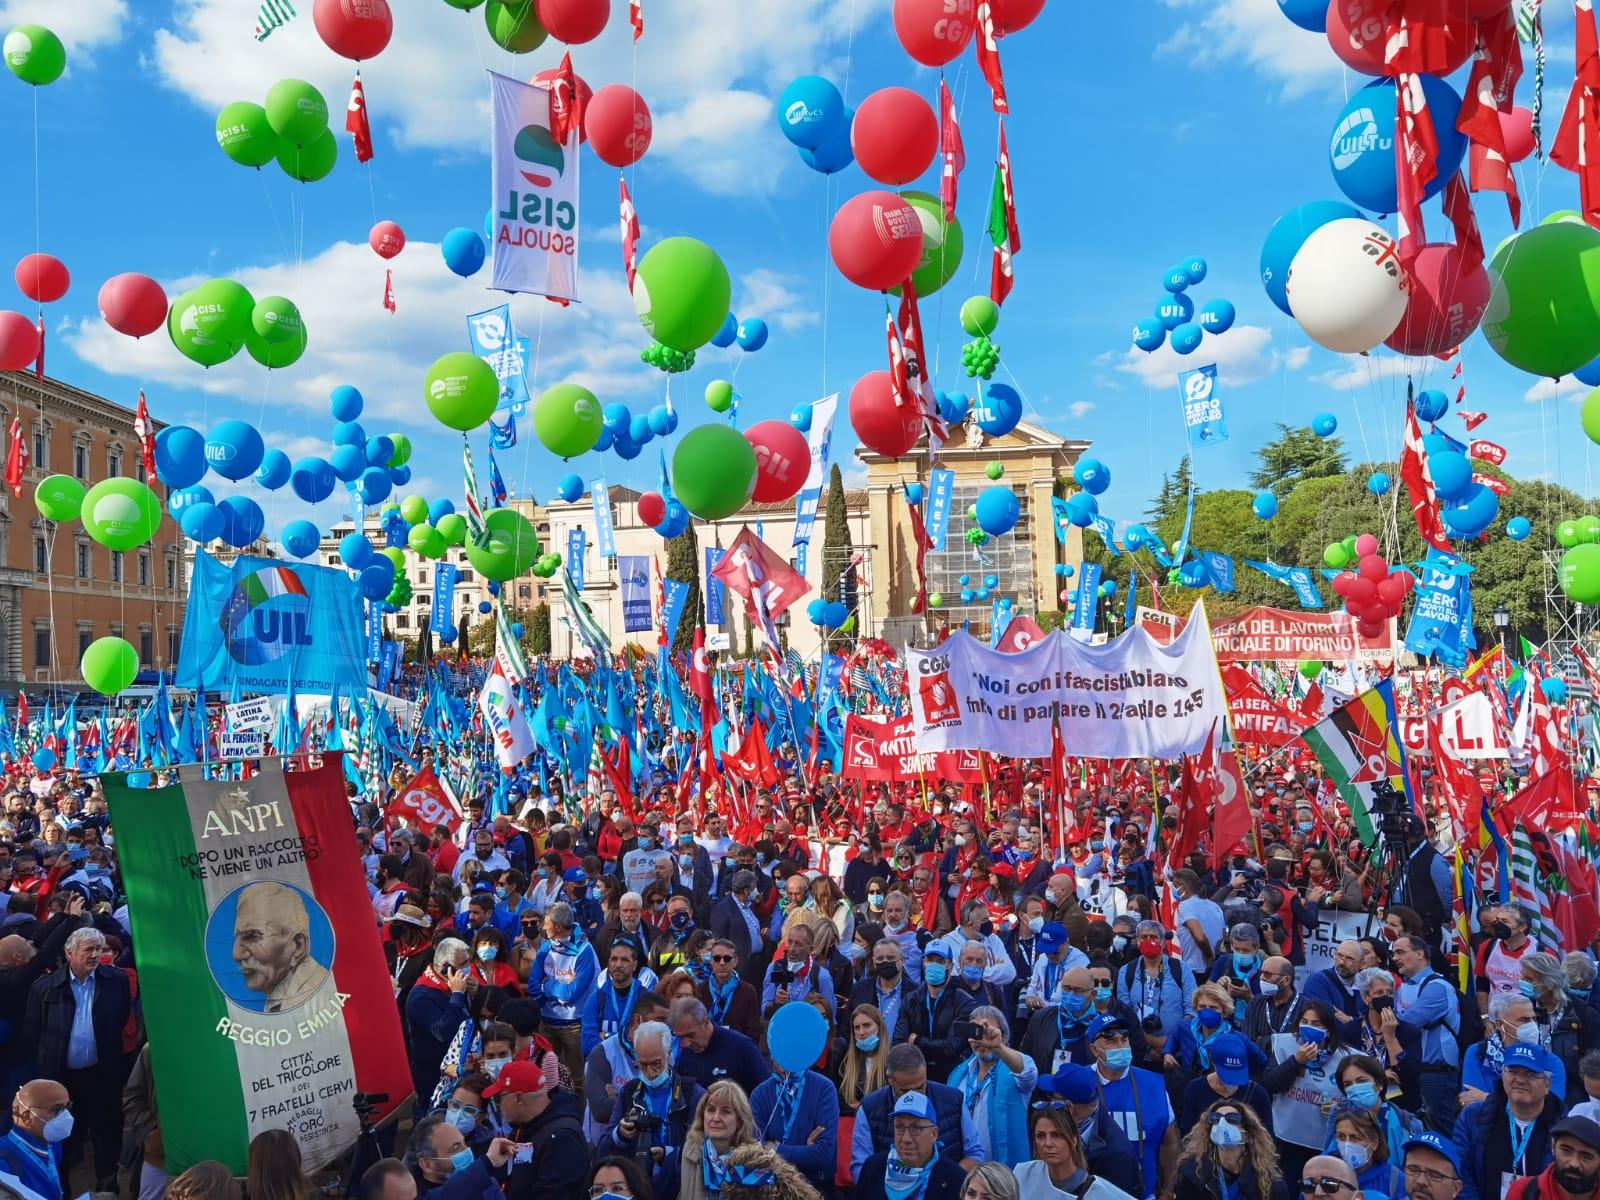 manifestazione nazionale sindacati a Roma